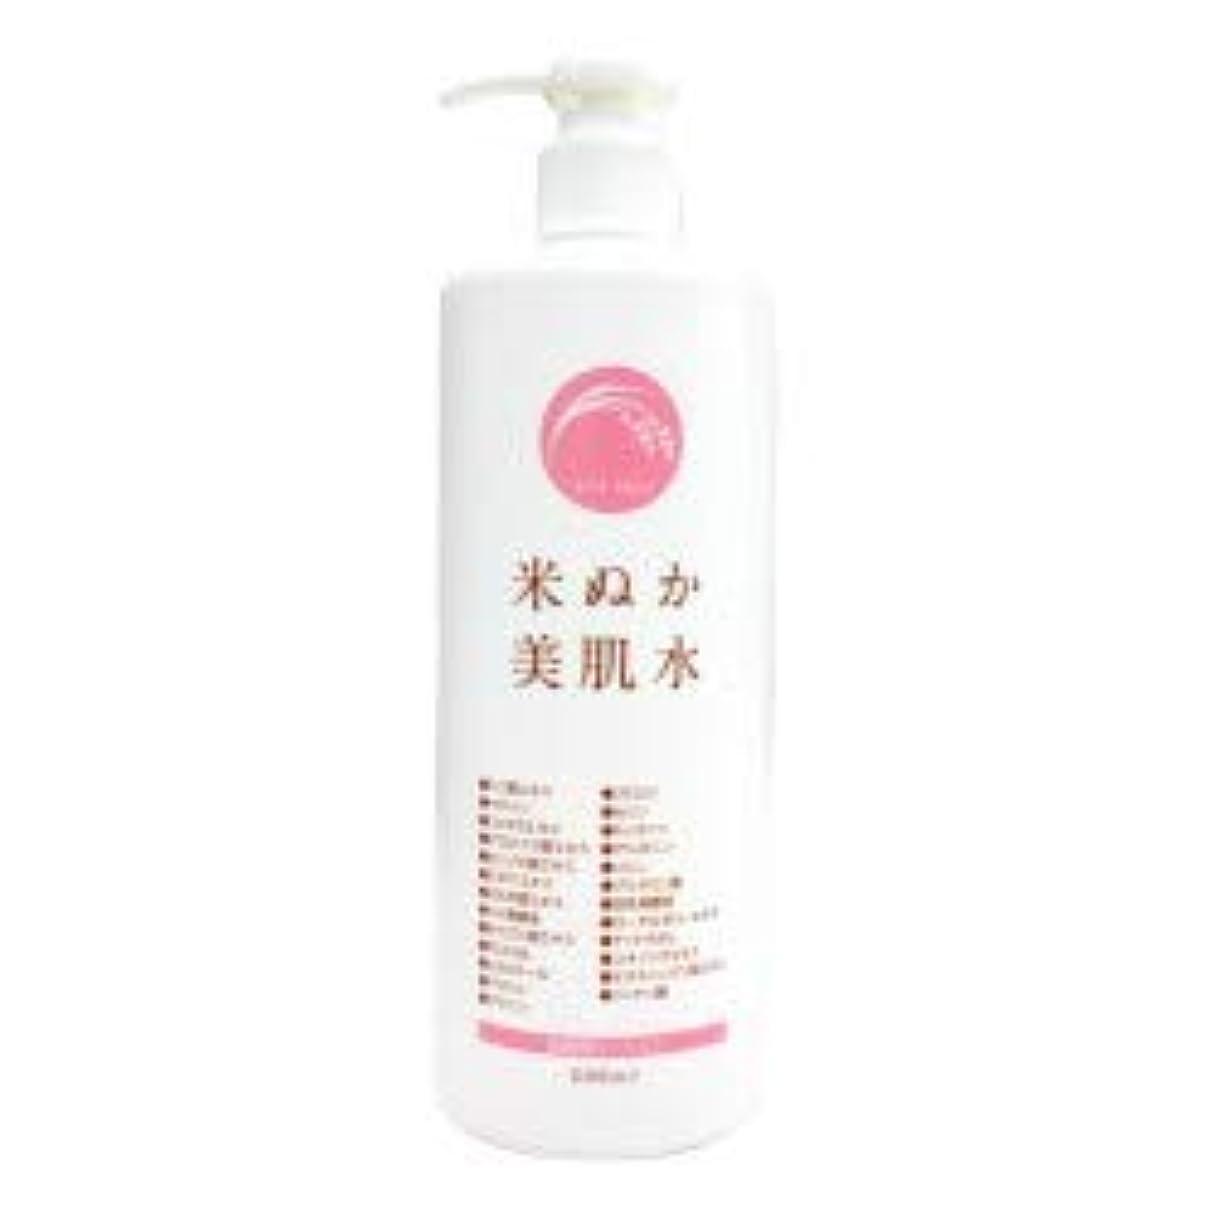 伝記何よりもオーブンコメヌカエキス コメ発酵液 配合 顔 ボディ用化粧水 米ぬか美肌水 500ml